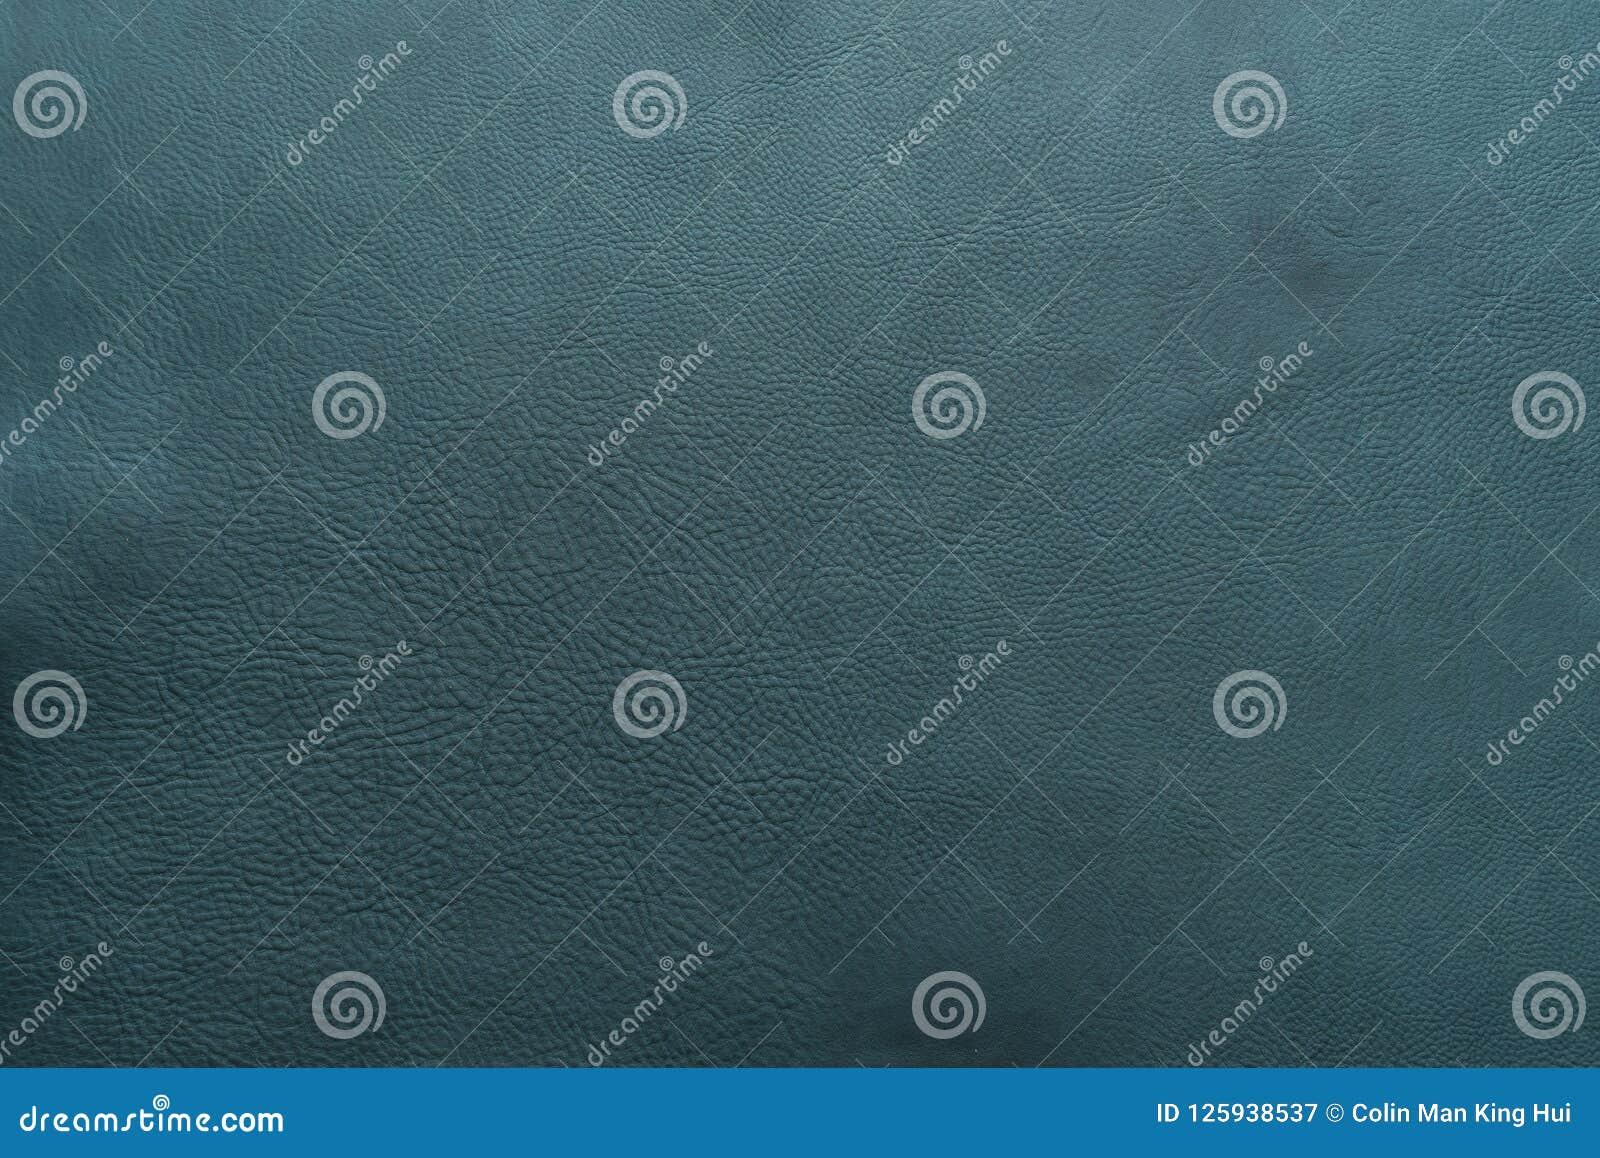 texture de couleur de bleu marine fond grenus et lourds de cuir de